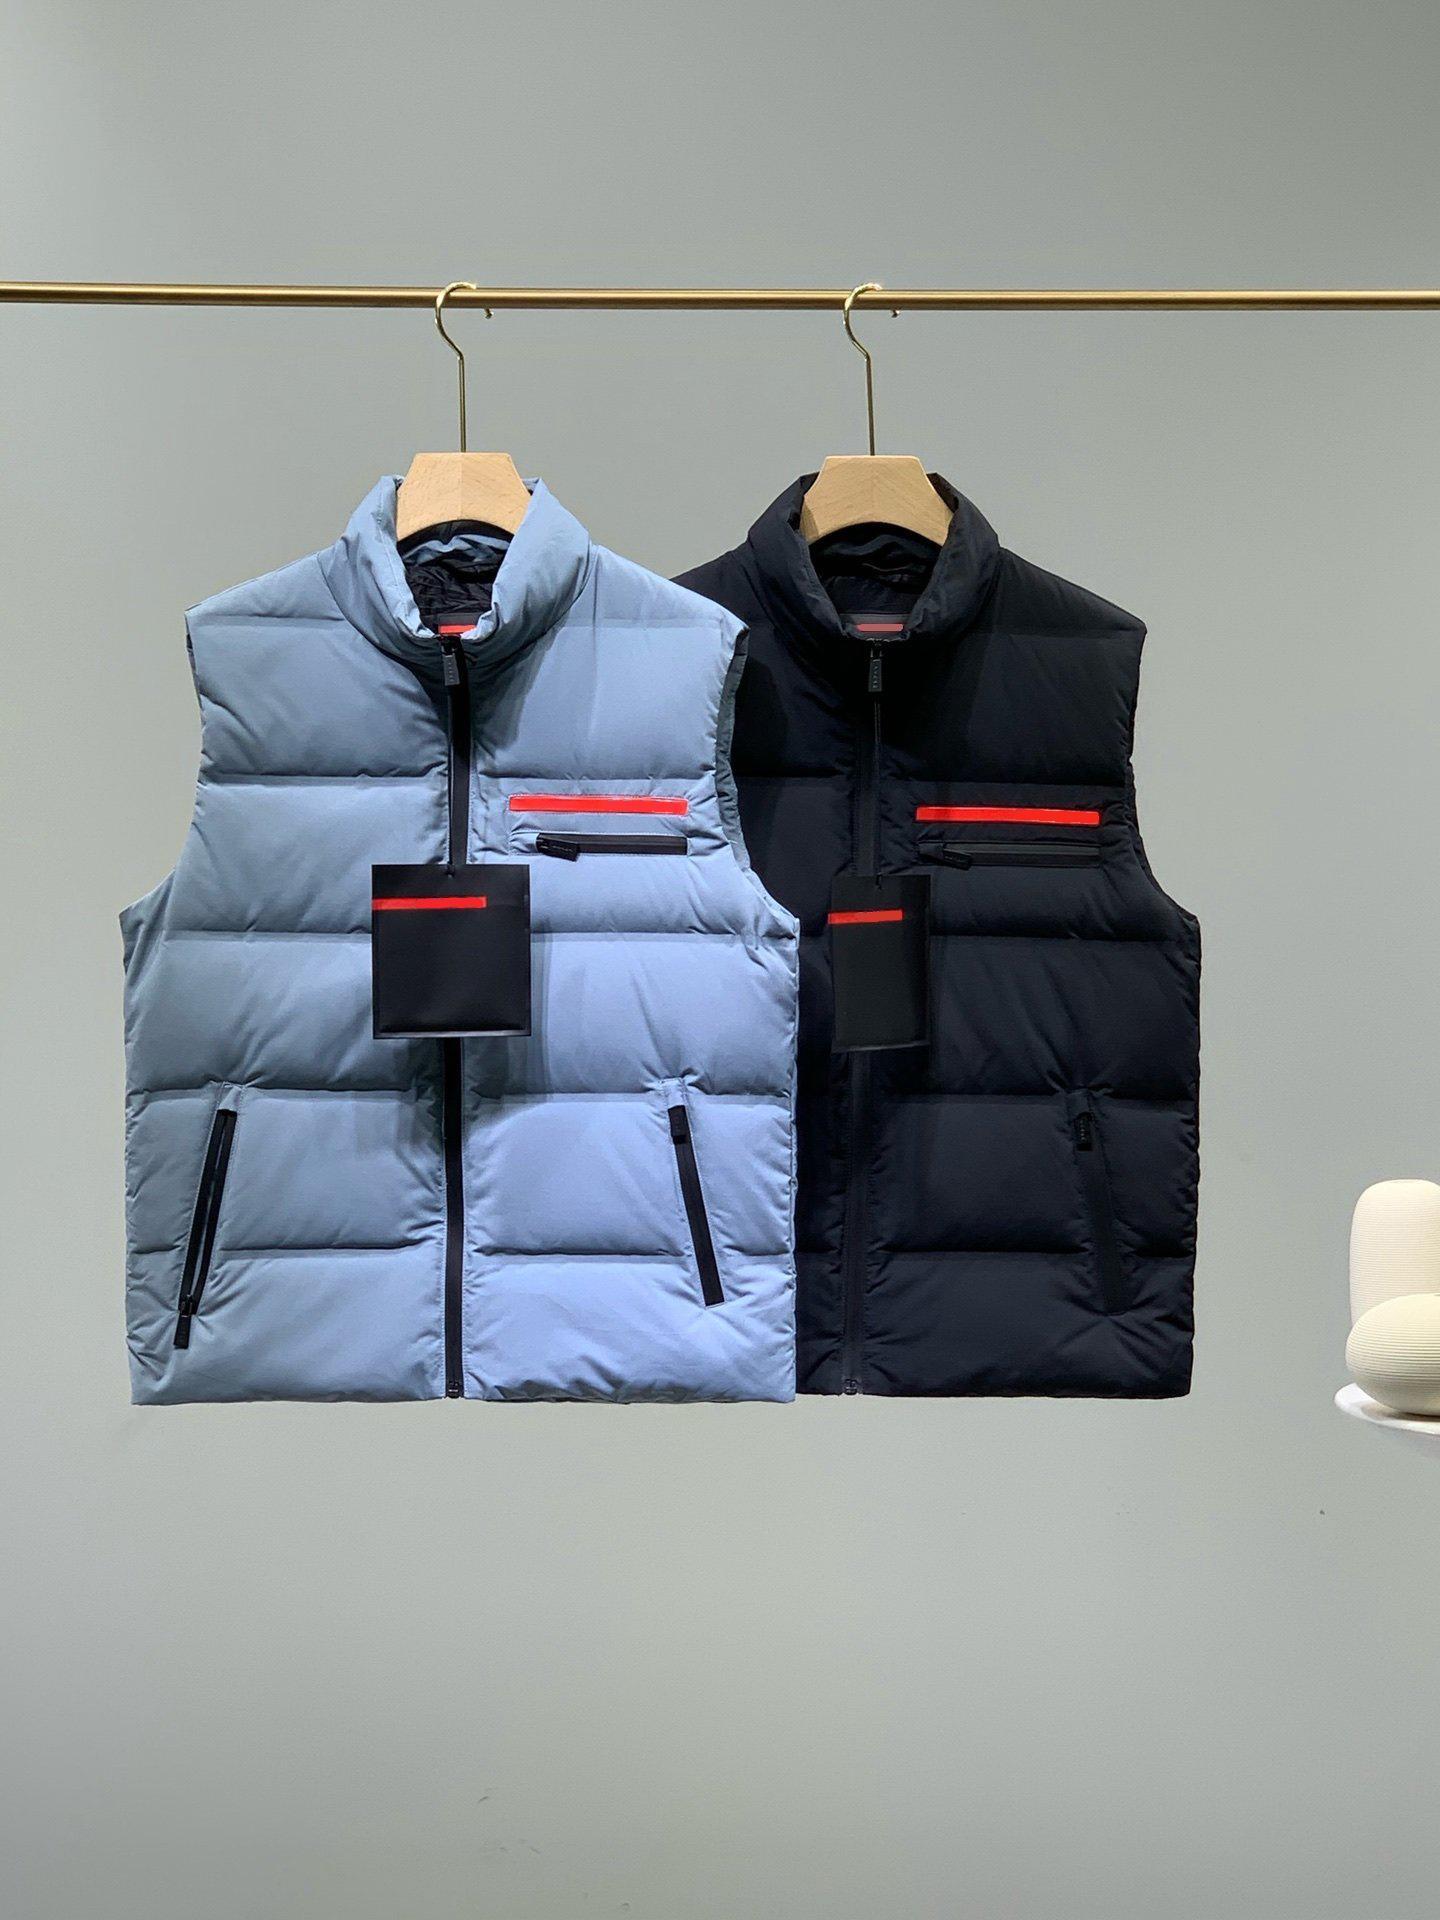 20ss ceket aşağı kış aşağı% 95 beyaz ördek fermuar kat sıcak rahat yüksek yakalı kaliteli YKK aşağı klasik seyahat yelek erkekler